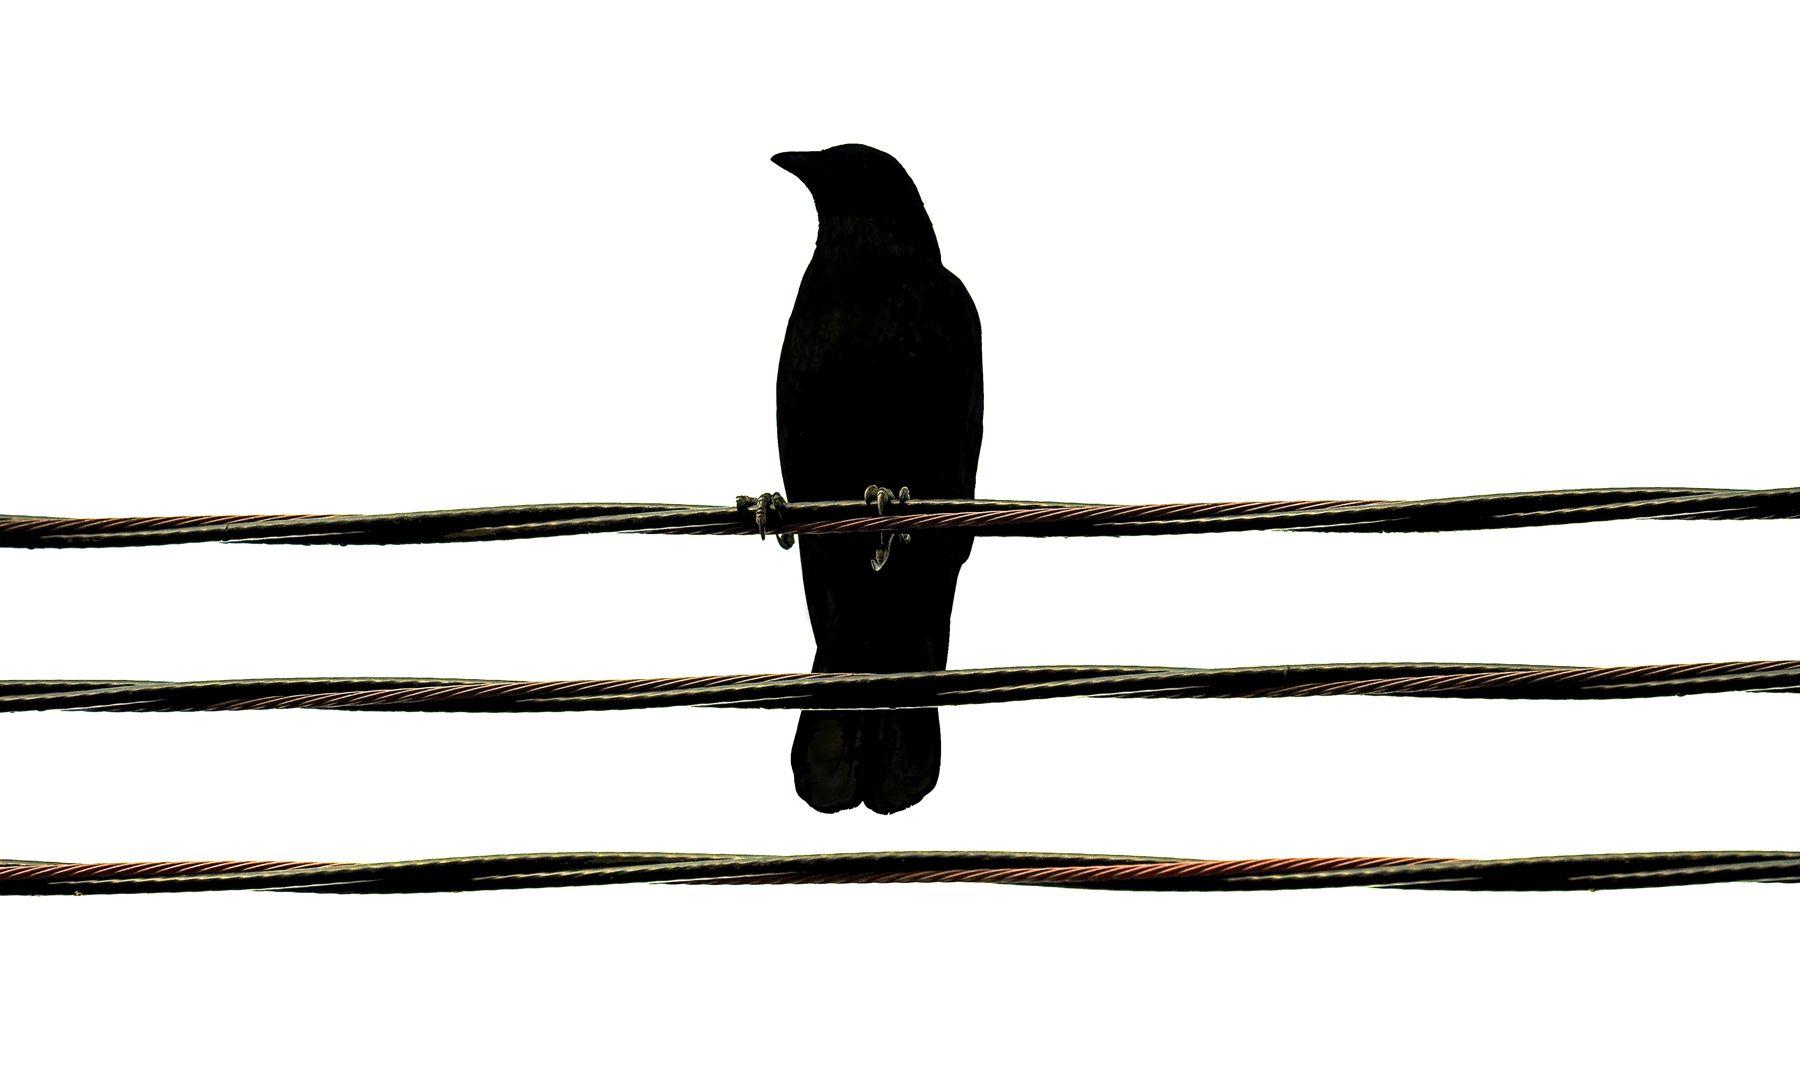 Bird Series #5 - Grasping©2015 L. Aviva Diamond